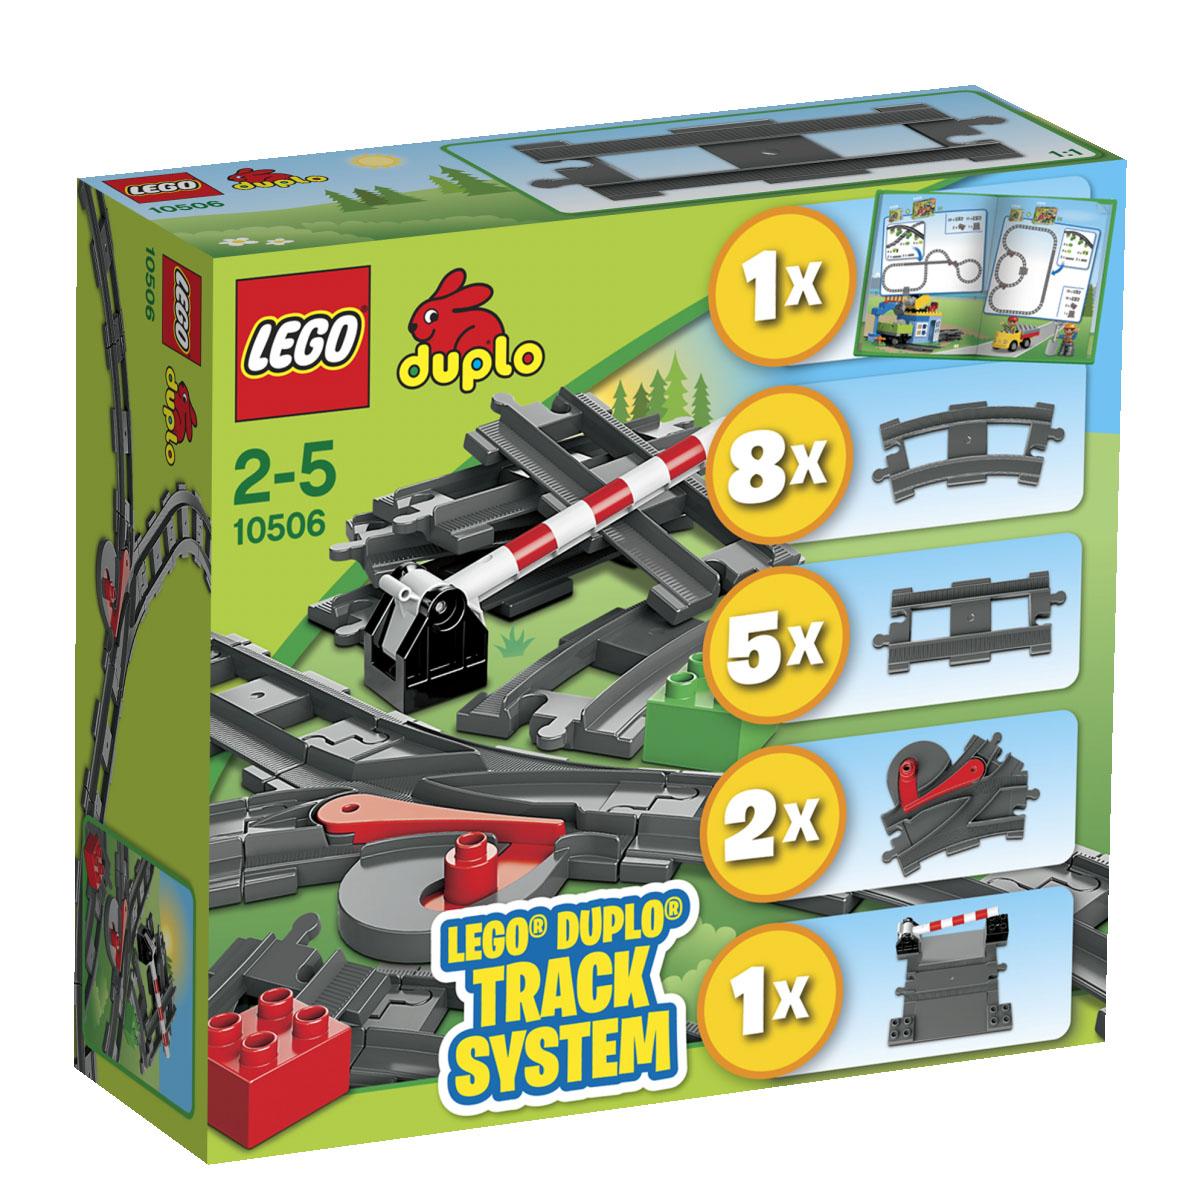 LEGO DUPLO Конструктор Дополнительные элементы для поезда 1050610506Совершите со своим ребенком путешествие на поезде, отправившись в мир безграничных возможностей творчества и игры с дополнительными элементами для поезда LEGO DUPLO! Набор содержит 24 элемента: восемь изогнутых рельсов, два набора стрелок и переезд для создания множества комбинаций путей. Благодаря разнообразным основным и декорированным кубикам DUPLO этот набор дополнительных элементов для поезда является прекрасным дополнением к любой коллекции поездов DUPLO. Конструктор - это один из самых увлекательнейших и веселых способов времяпрепровождения. Ребенок сможет часами играть с конструктором, придумывая различные ситуации и истории. Характеристики: Размер упаковки: 28 см х 25,5 см х 9,5 см. В процессе игры с конструкторами LEGO дети приобретают и постигают такие необходимые навыки как познание, творчество, воображение. Обычные наблюдения за детьми показывают, что единственное, чему они с удовольствием посвящают время, - это игры. Игра - это состояние...